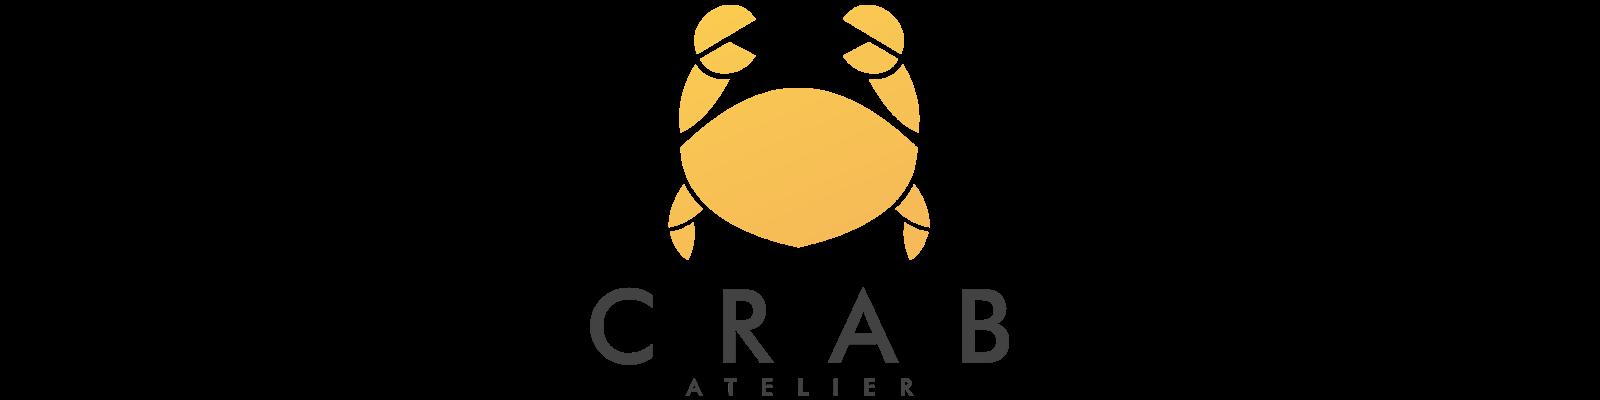 Crab Atelier